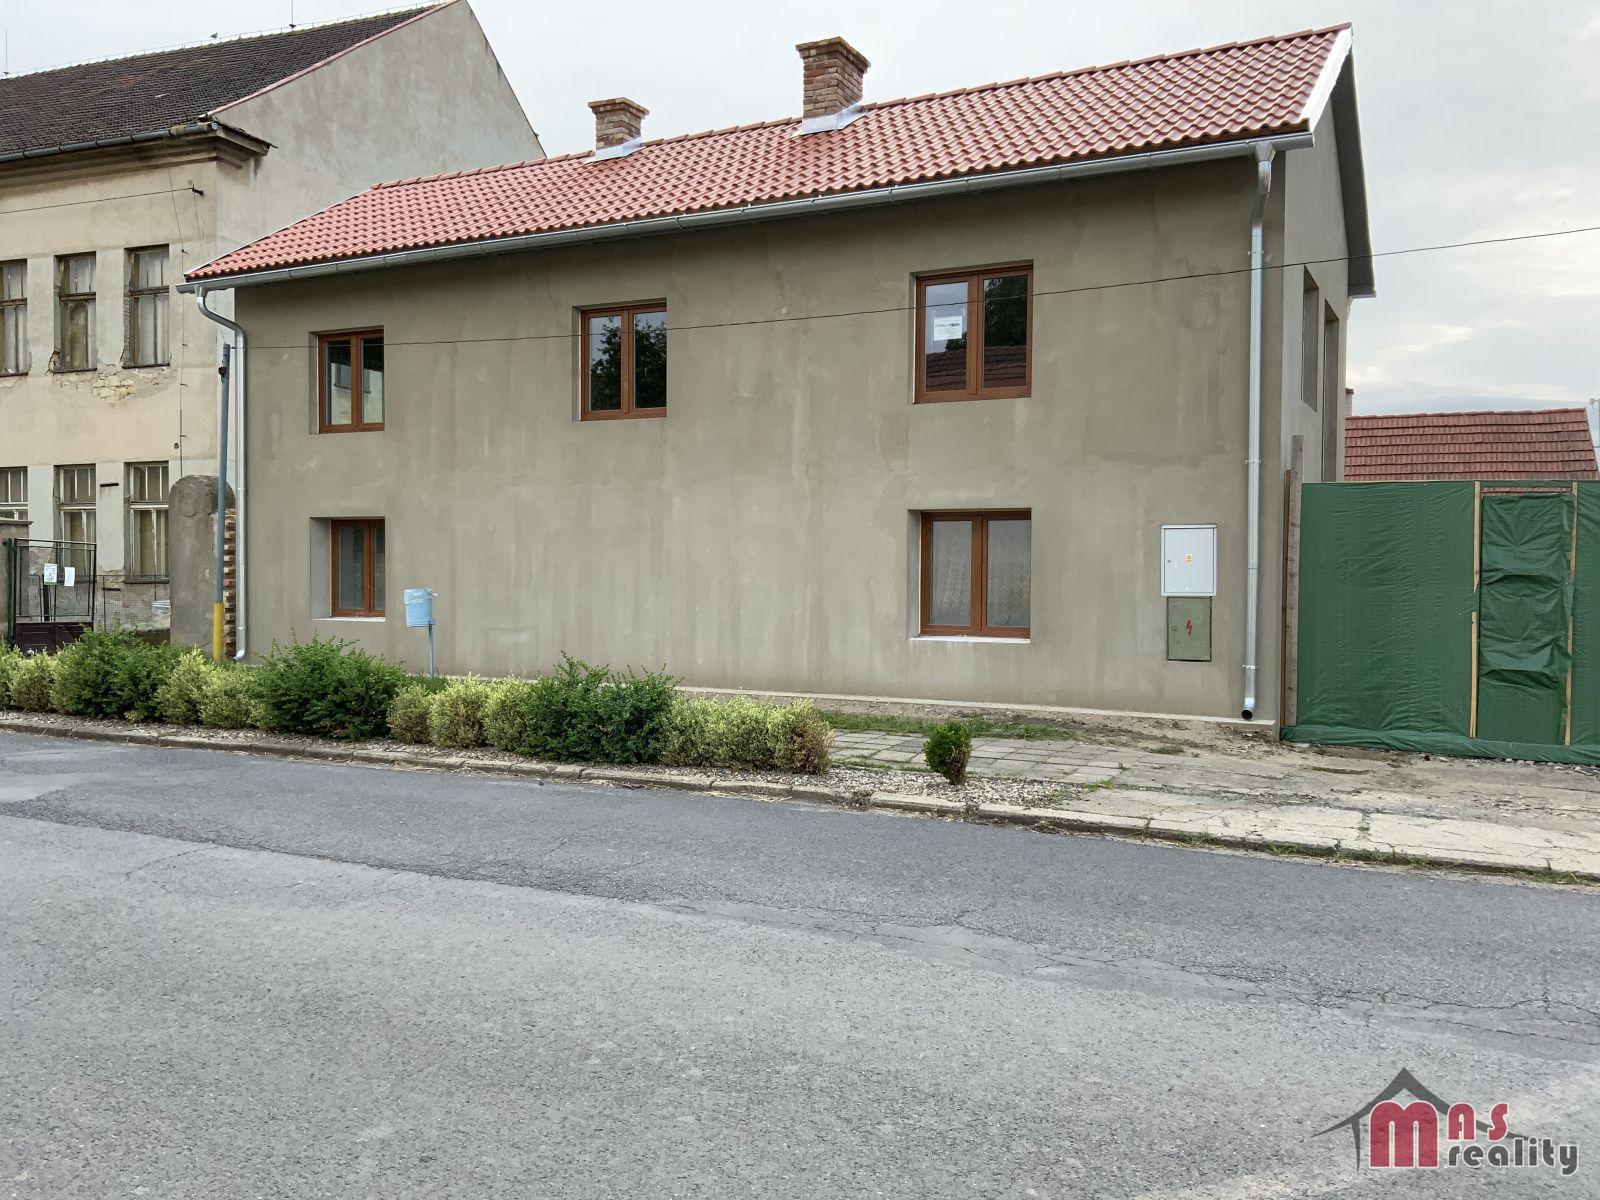 Prodej patrového rodinného domu 5+1, 8 km od Roudnice nad Labem